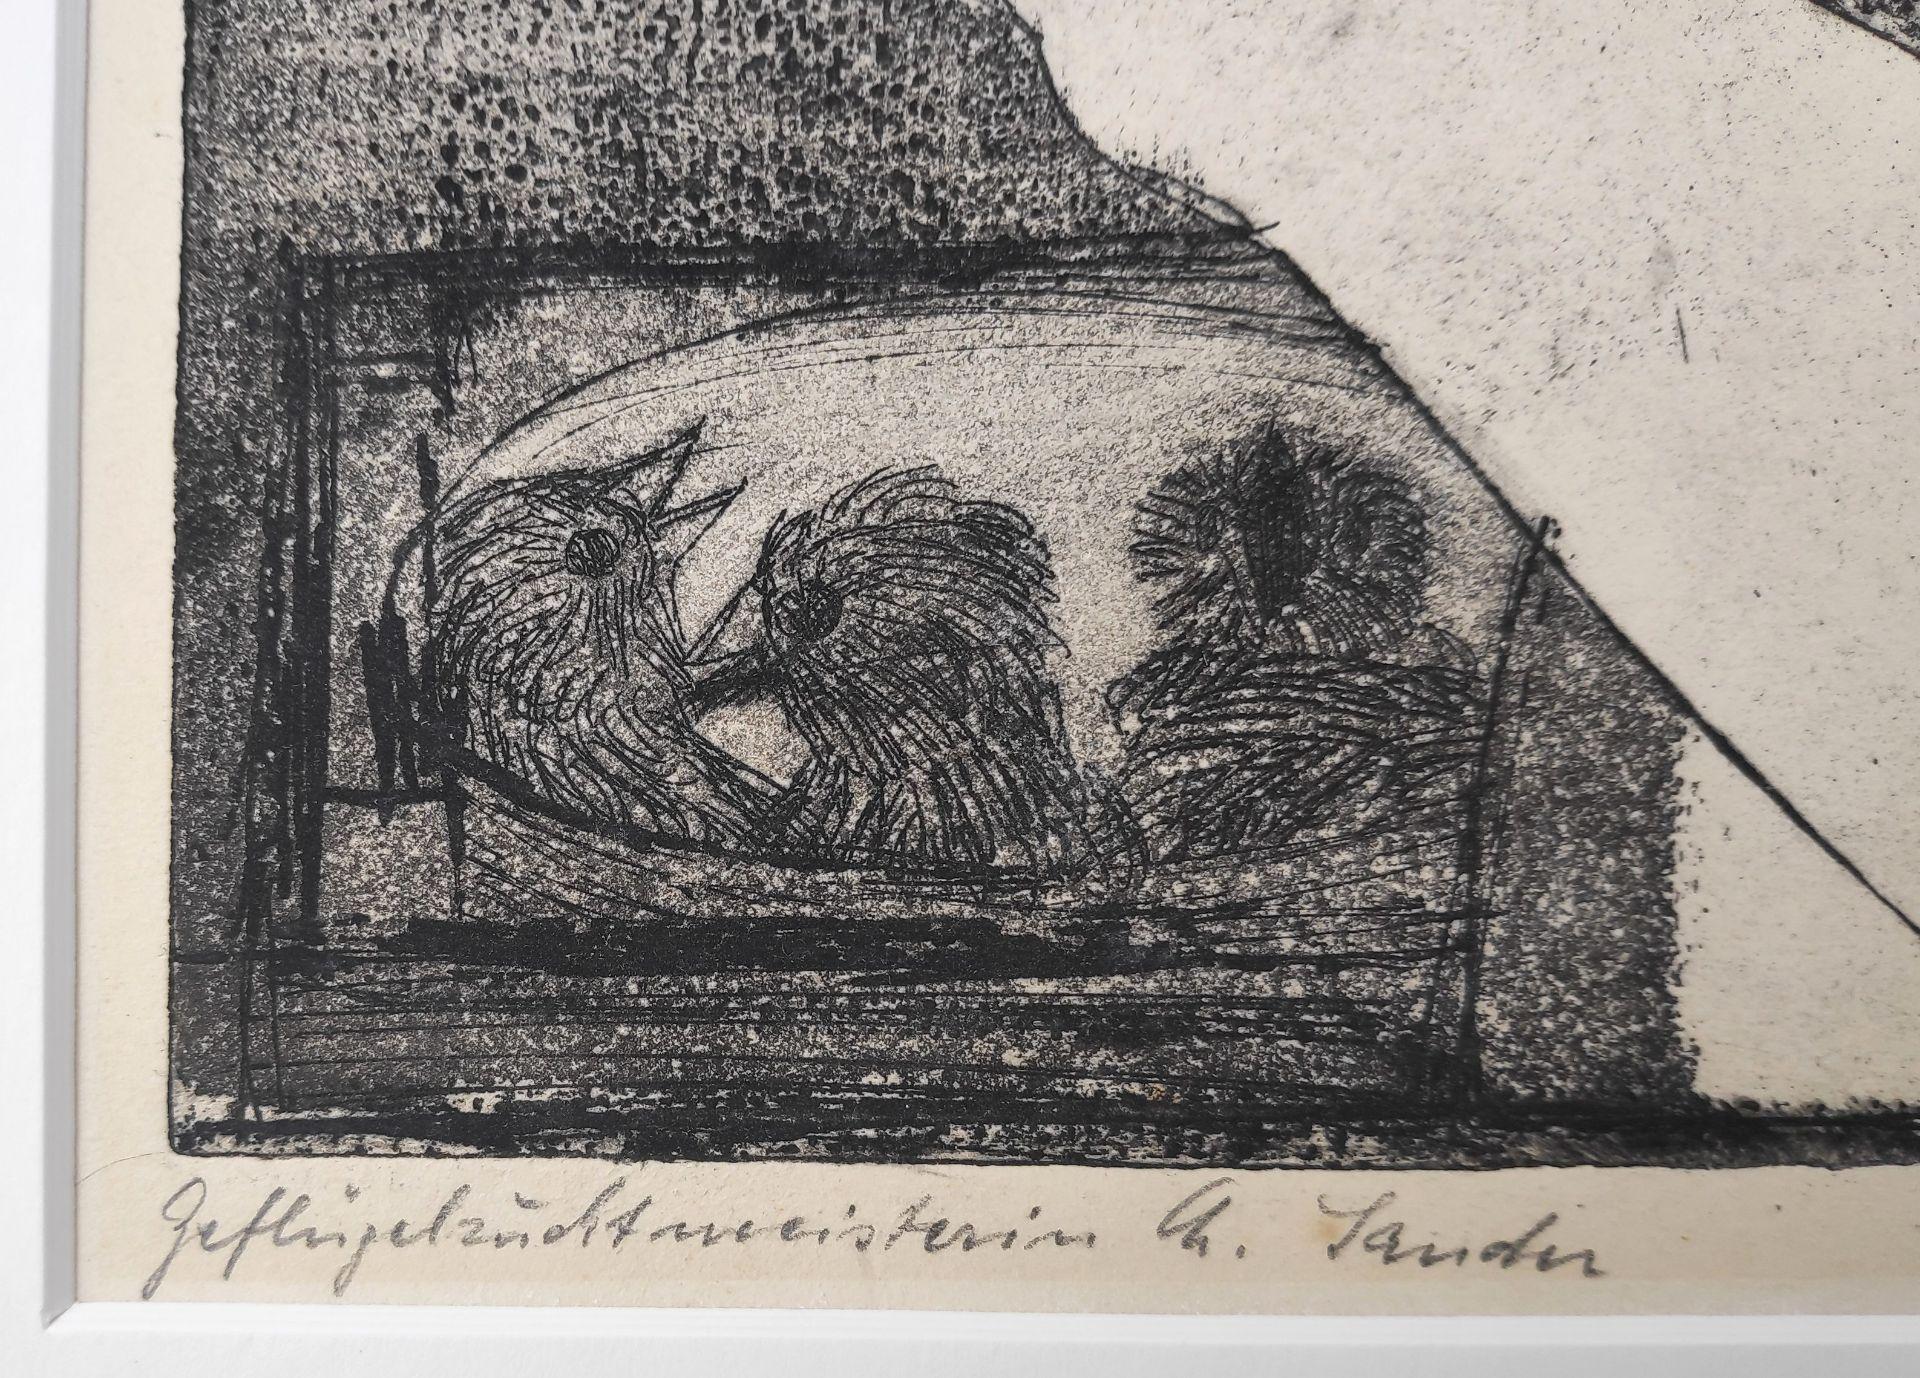 """Dittner, Sieghard (1924 Schneidemühl - 2002 Malchow) """"Geflügelzuchtmeisterin Ch. Zander"""" - Bild 4 aus 4"""